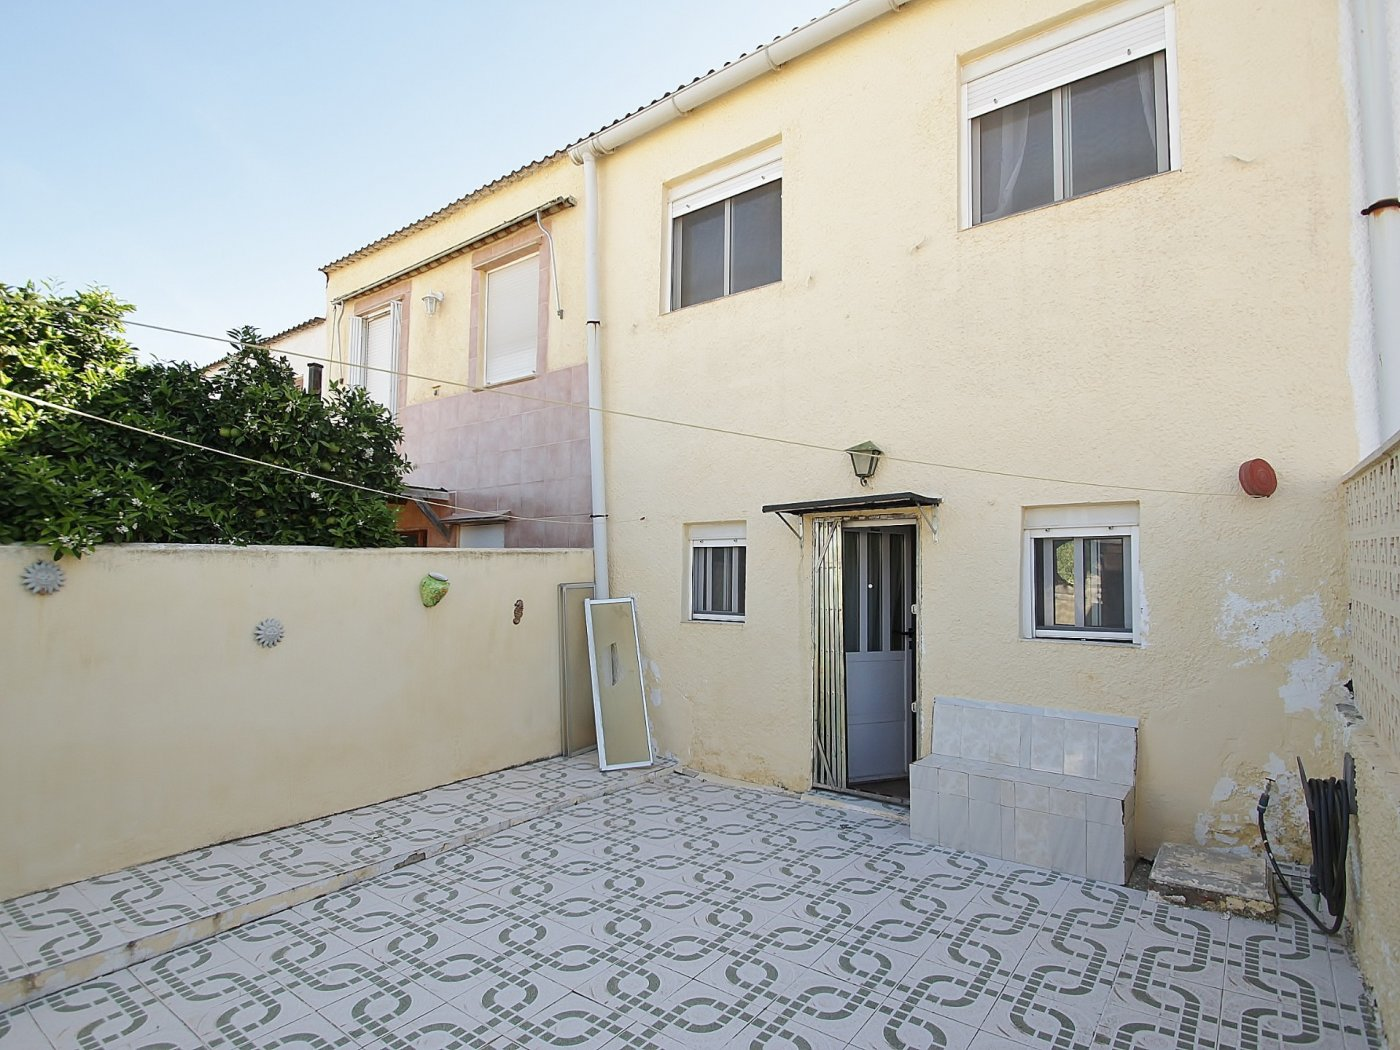 Duplex in Los Balcones - Torrevieja (Los balcones)